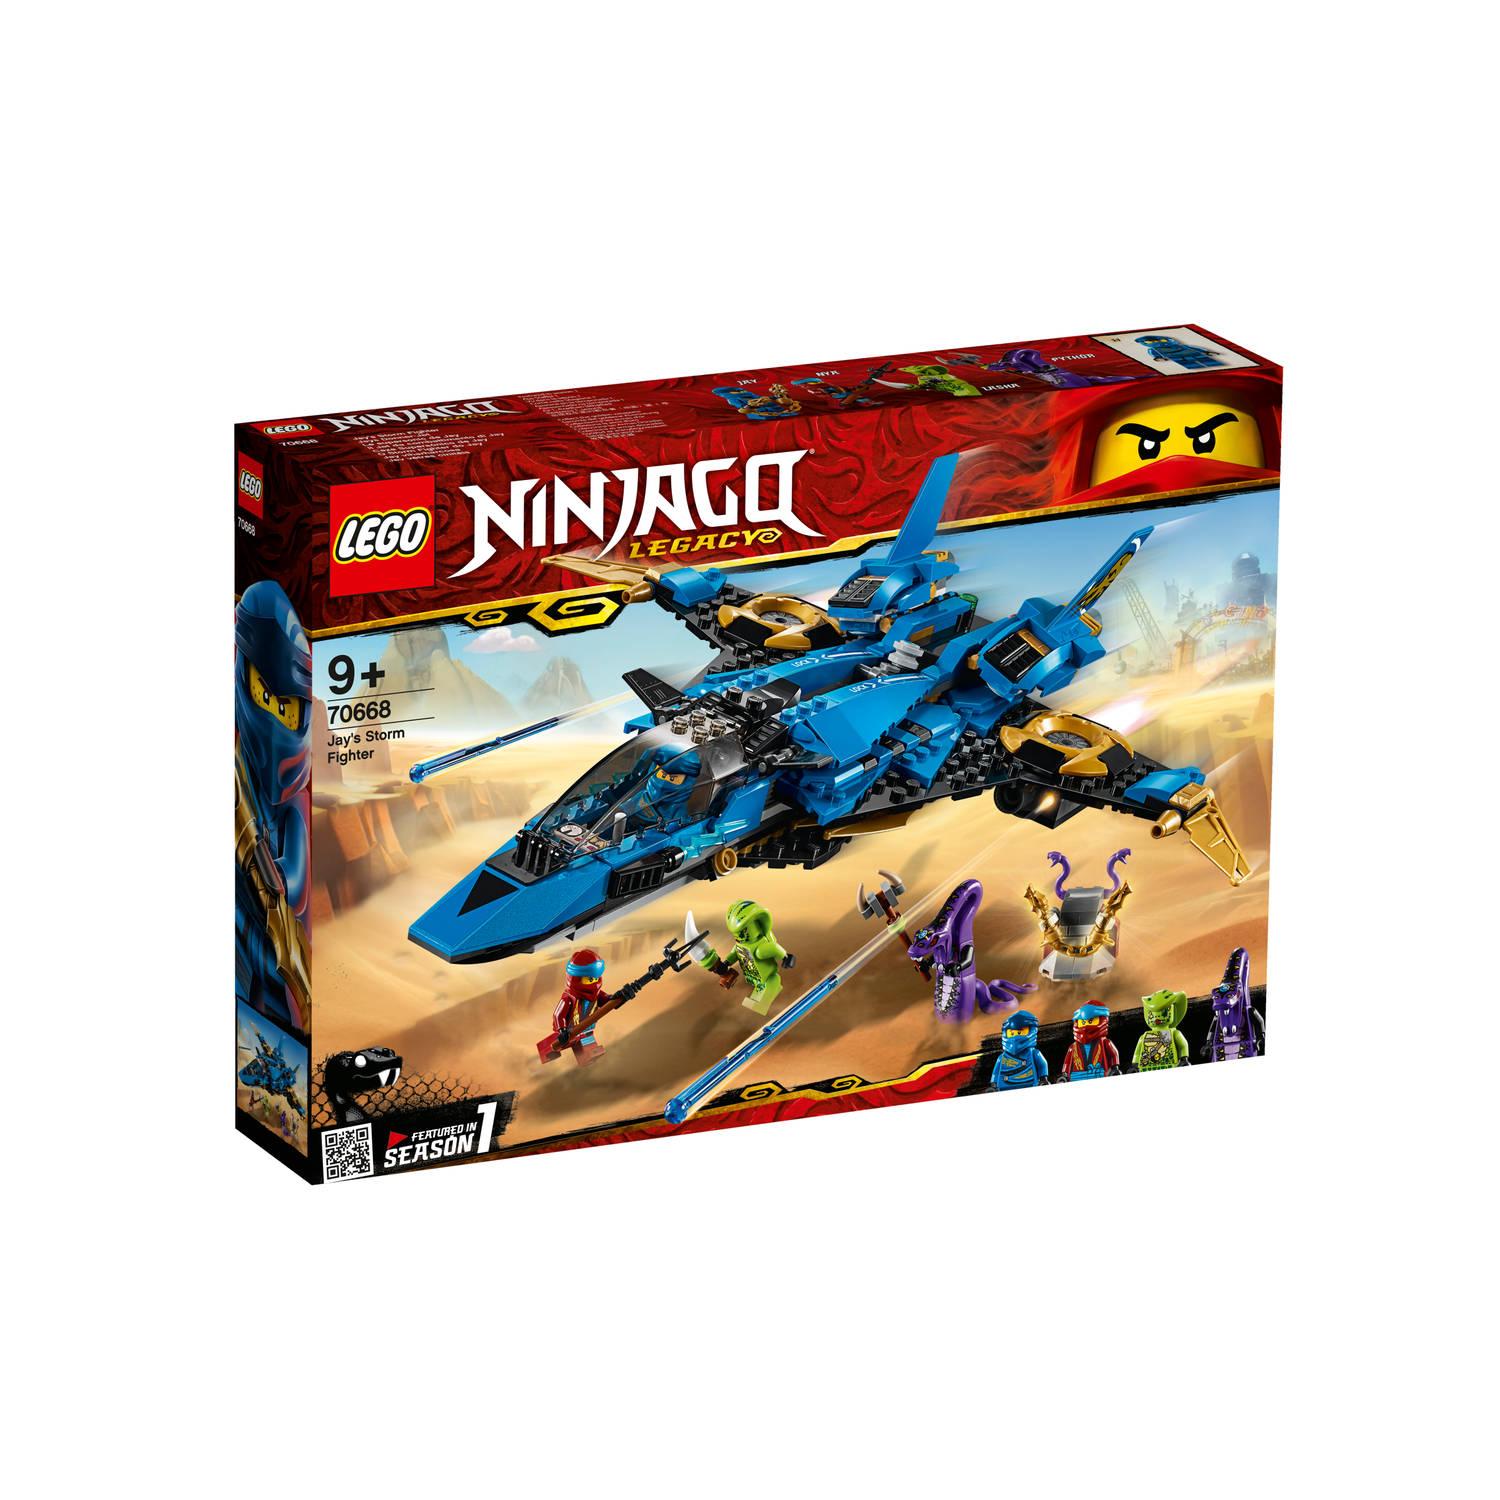 Korting LEGO Ninjago Jay's Storm Fighter 70668